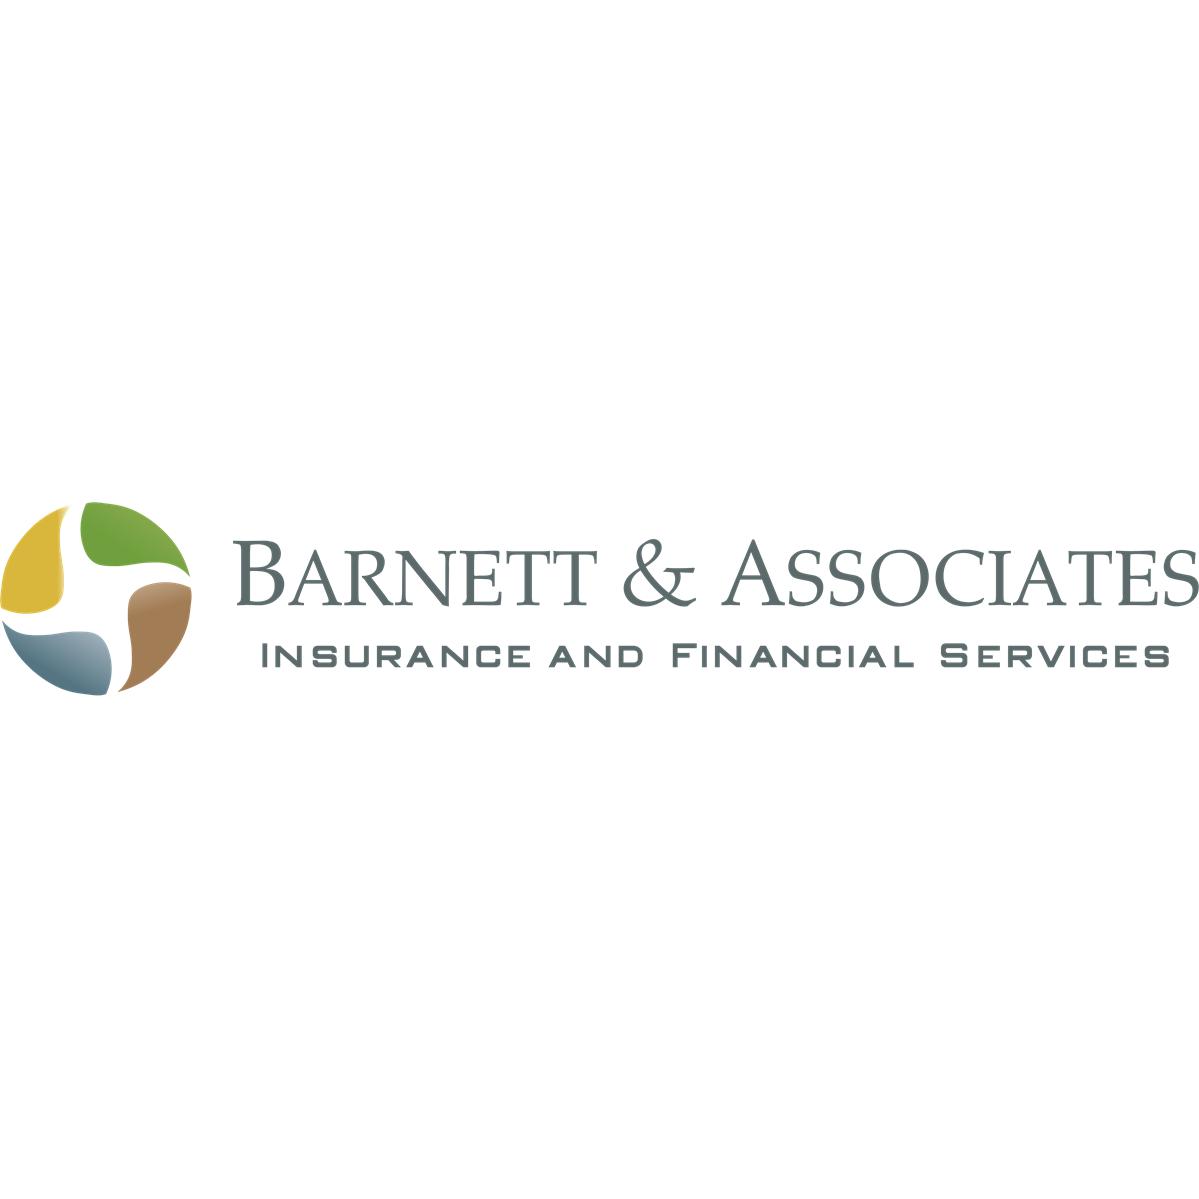 Barnett and Associates image 5